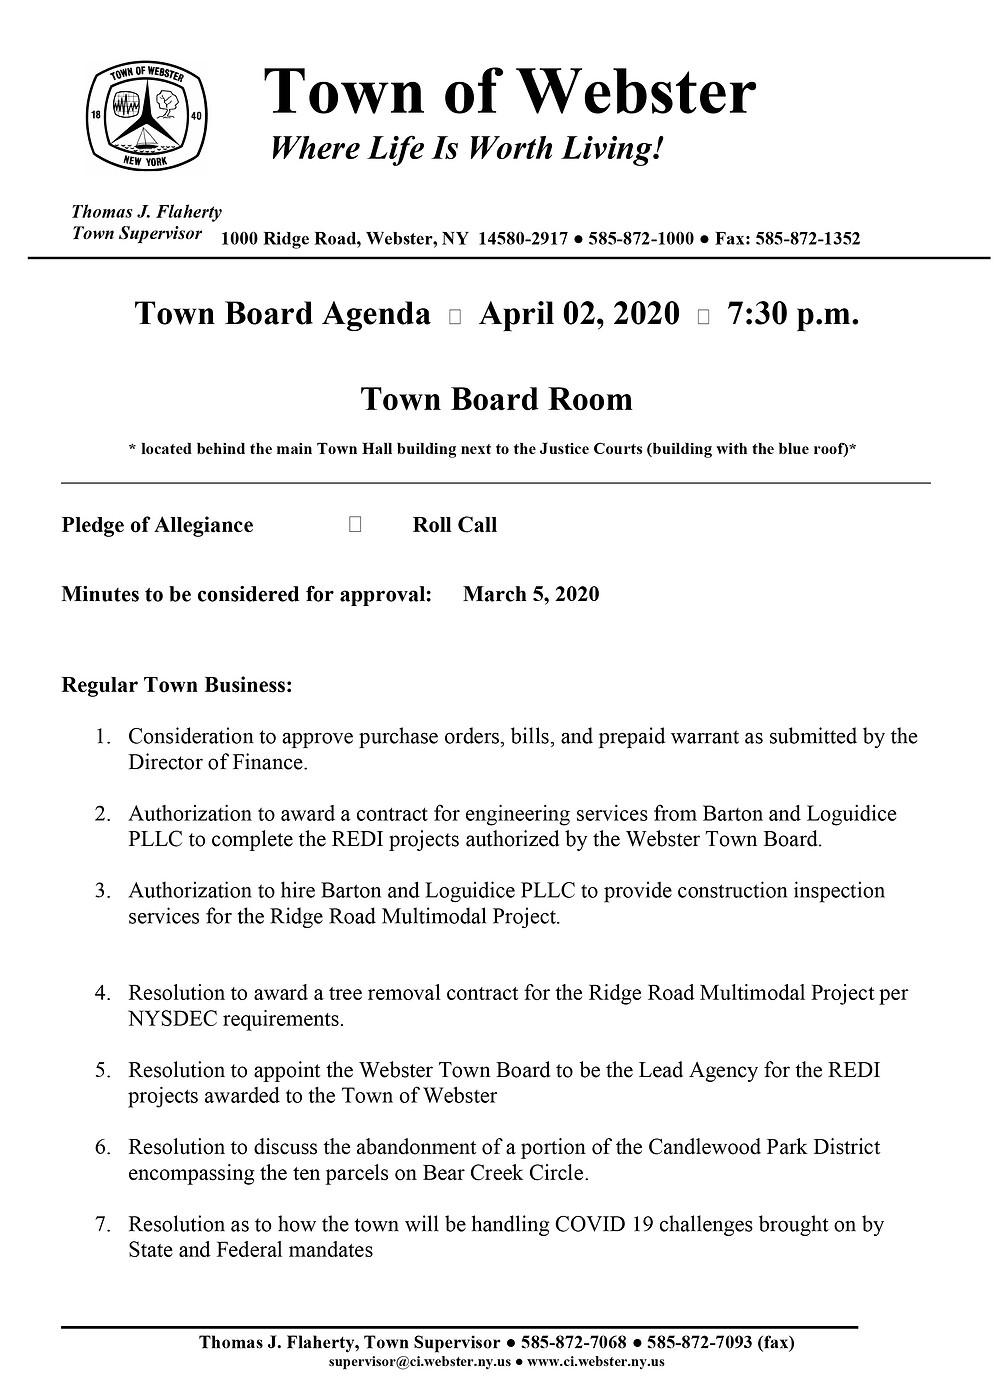 town-board-agenda